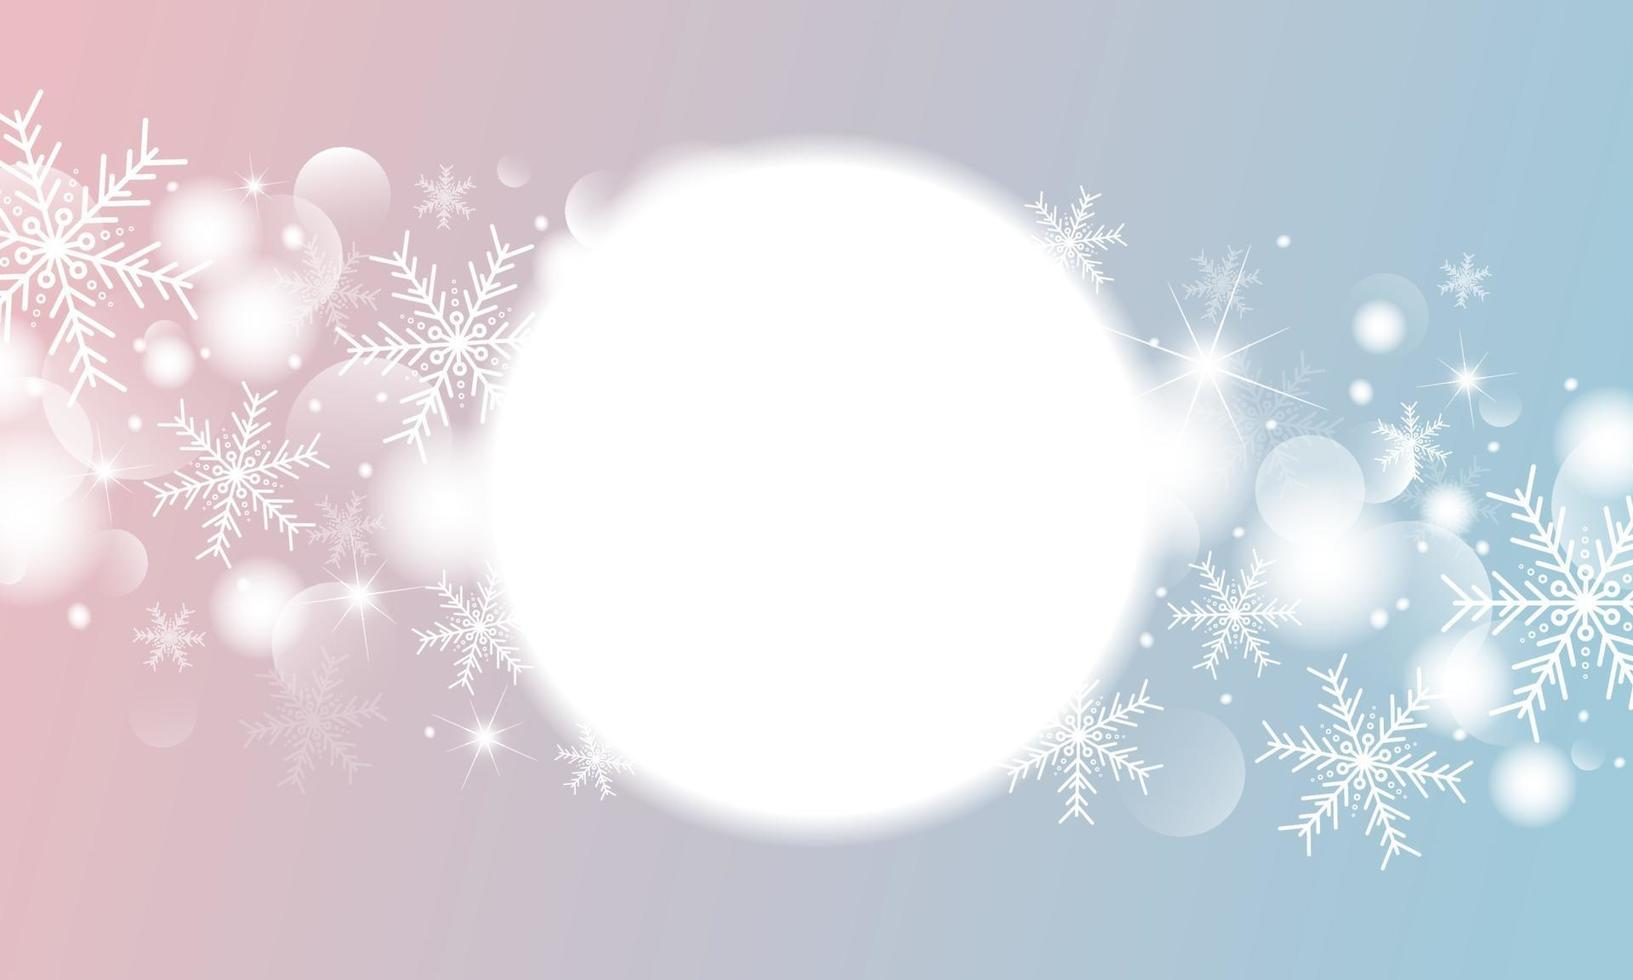 Kerstmis en winter bannerontwerp van sneeuwvlok met bokeh lichten effect vectorillustratie vector